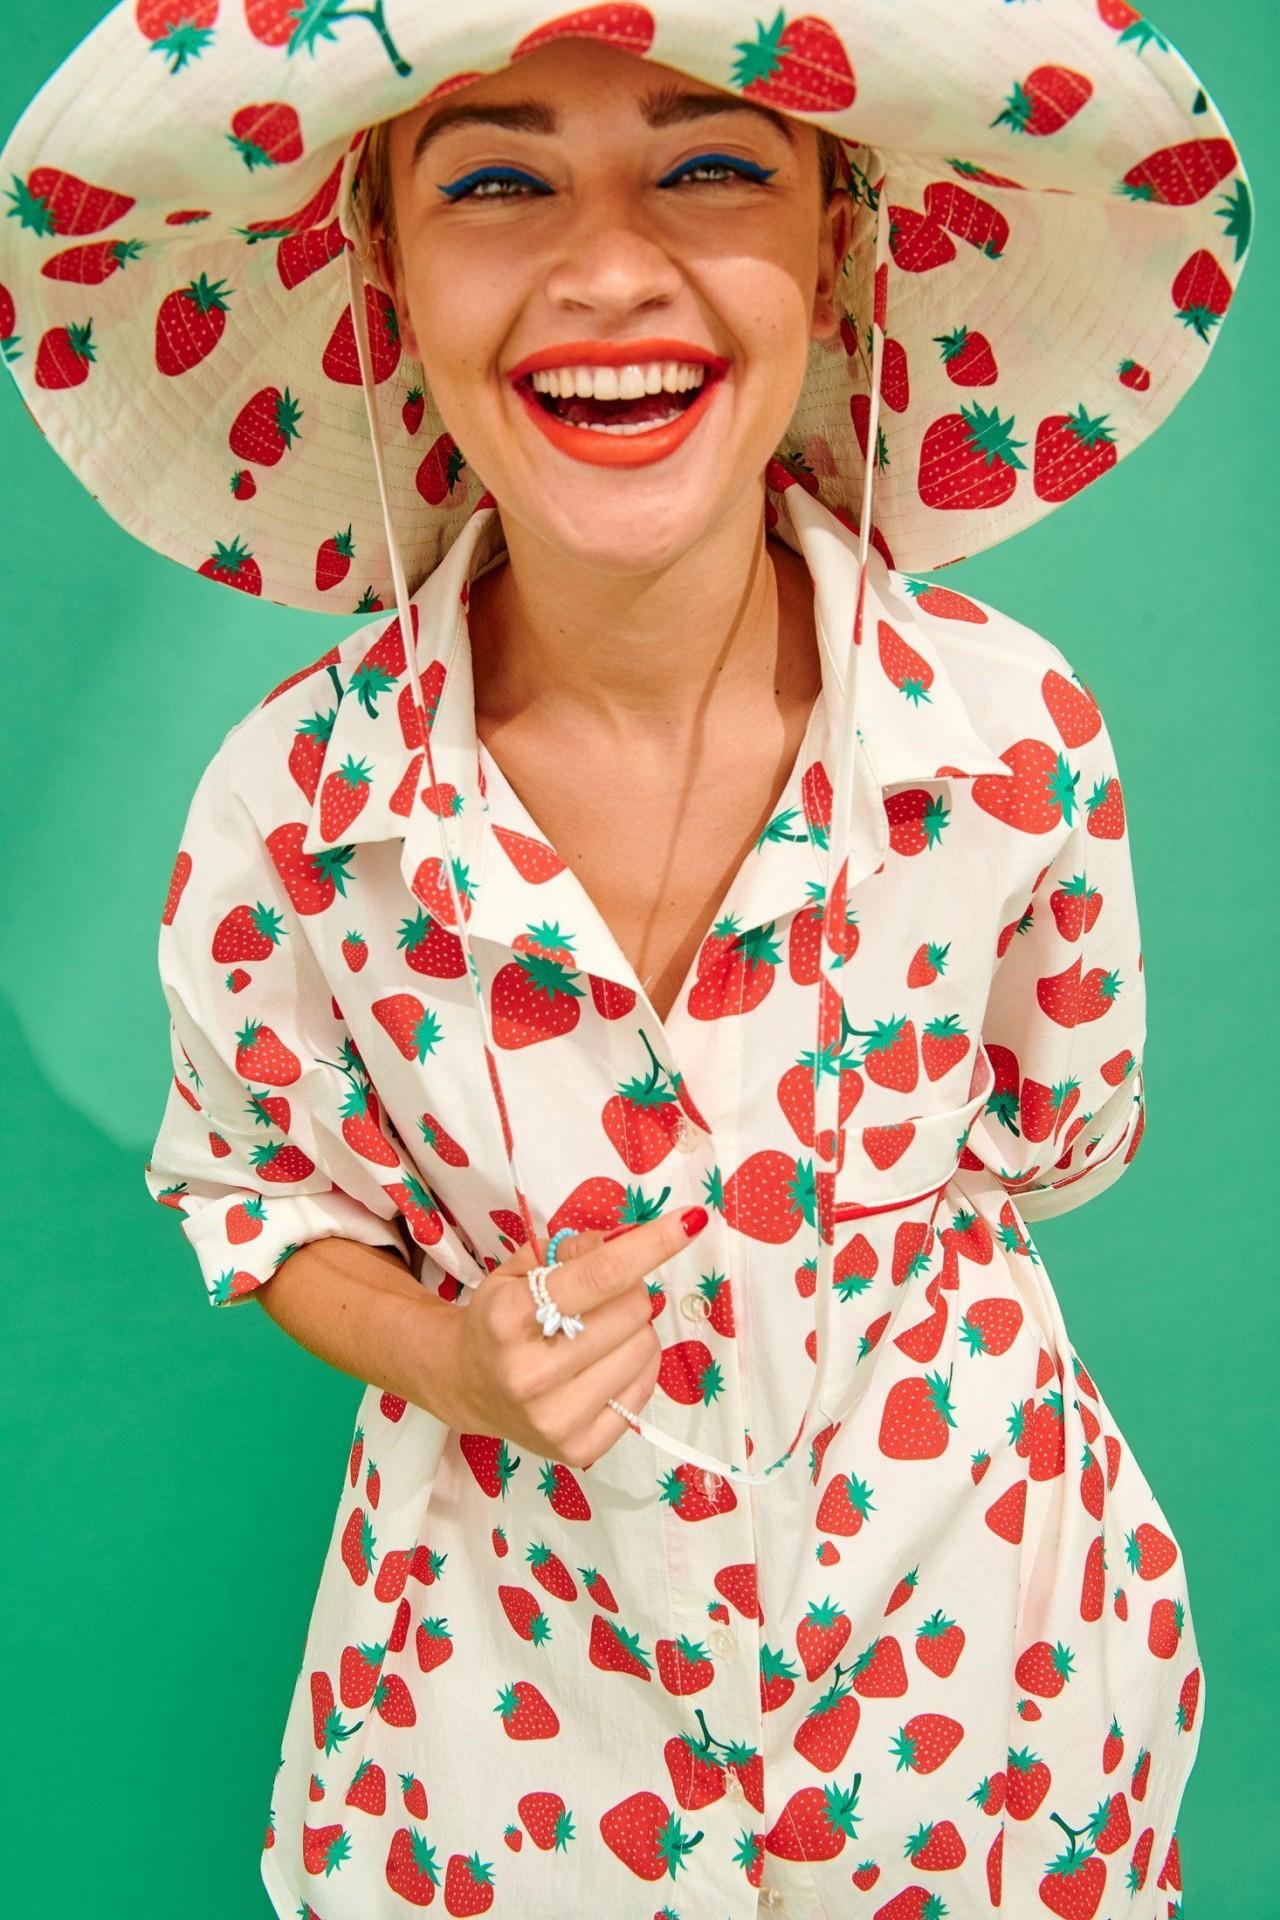 PARIS HAT (STRAWBERRIES) - KARAVAN CLOTHING